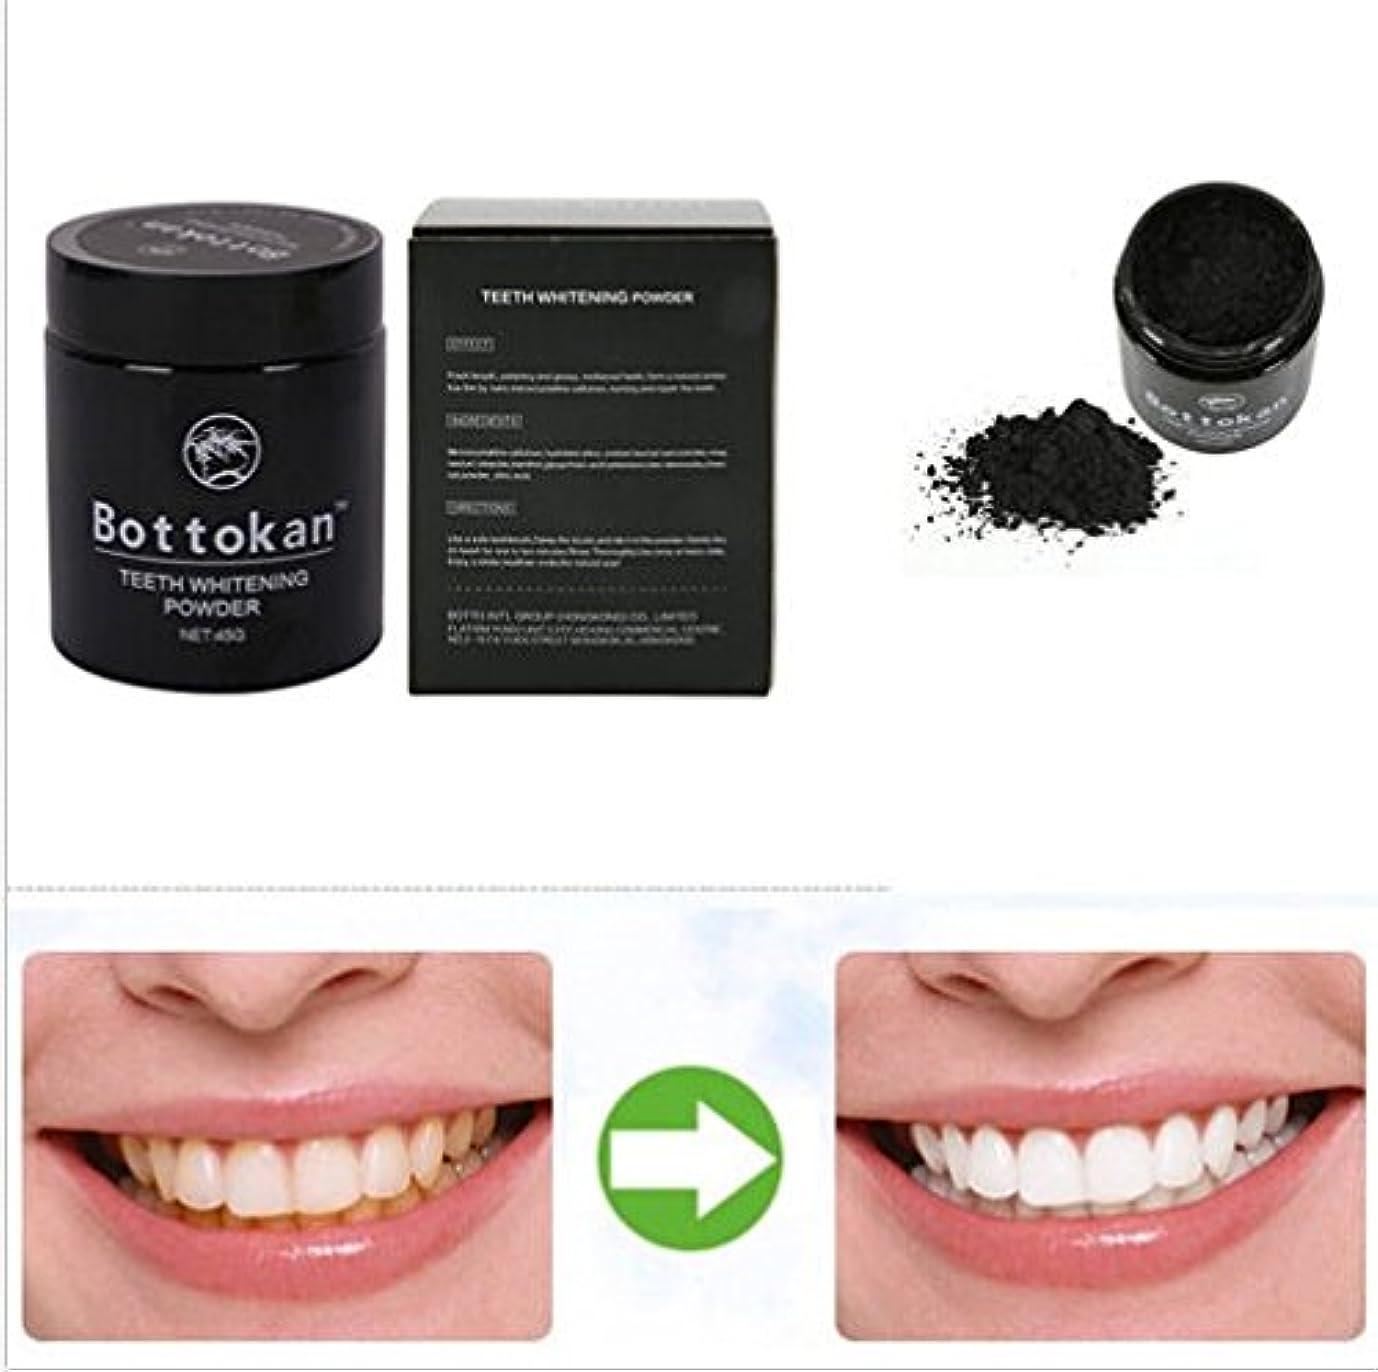 純度新着レビュアー歯磨きパウダー 食べる活性炭 チャコールパーティクル 竹炭パウダー 45g 黒缶